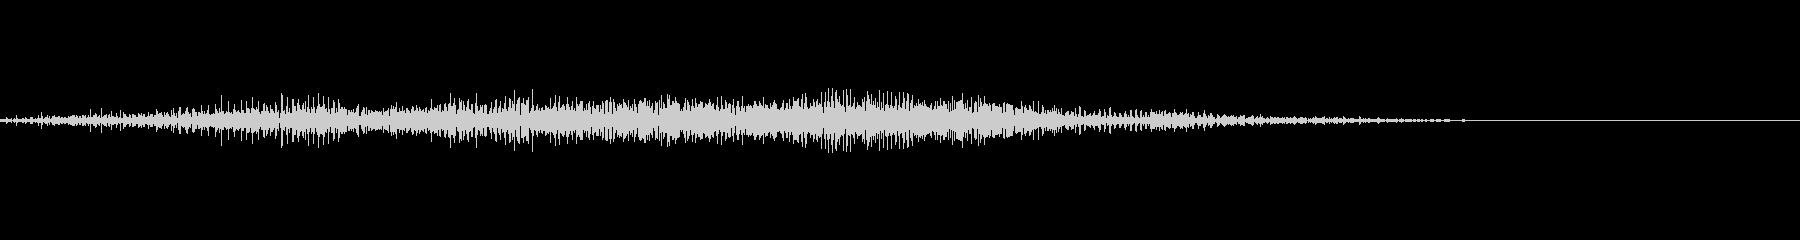 チャック_ファスナー_ジッパー開閉_05の未再生の波形